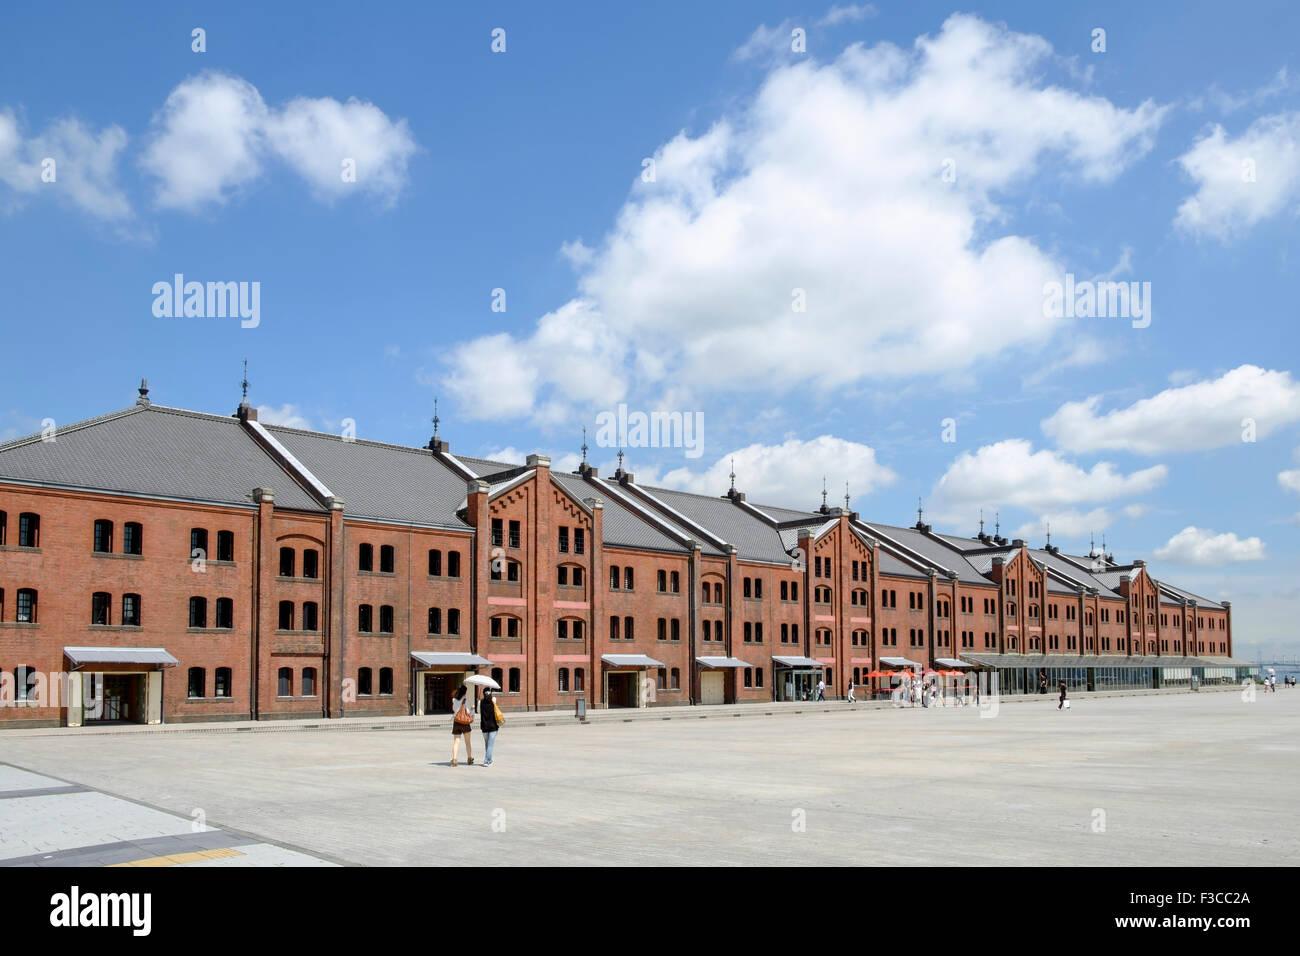 Historic Red Brick Warehouse in Minato Mirai distretto di Yokohama Giappone Immagini Stock